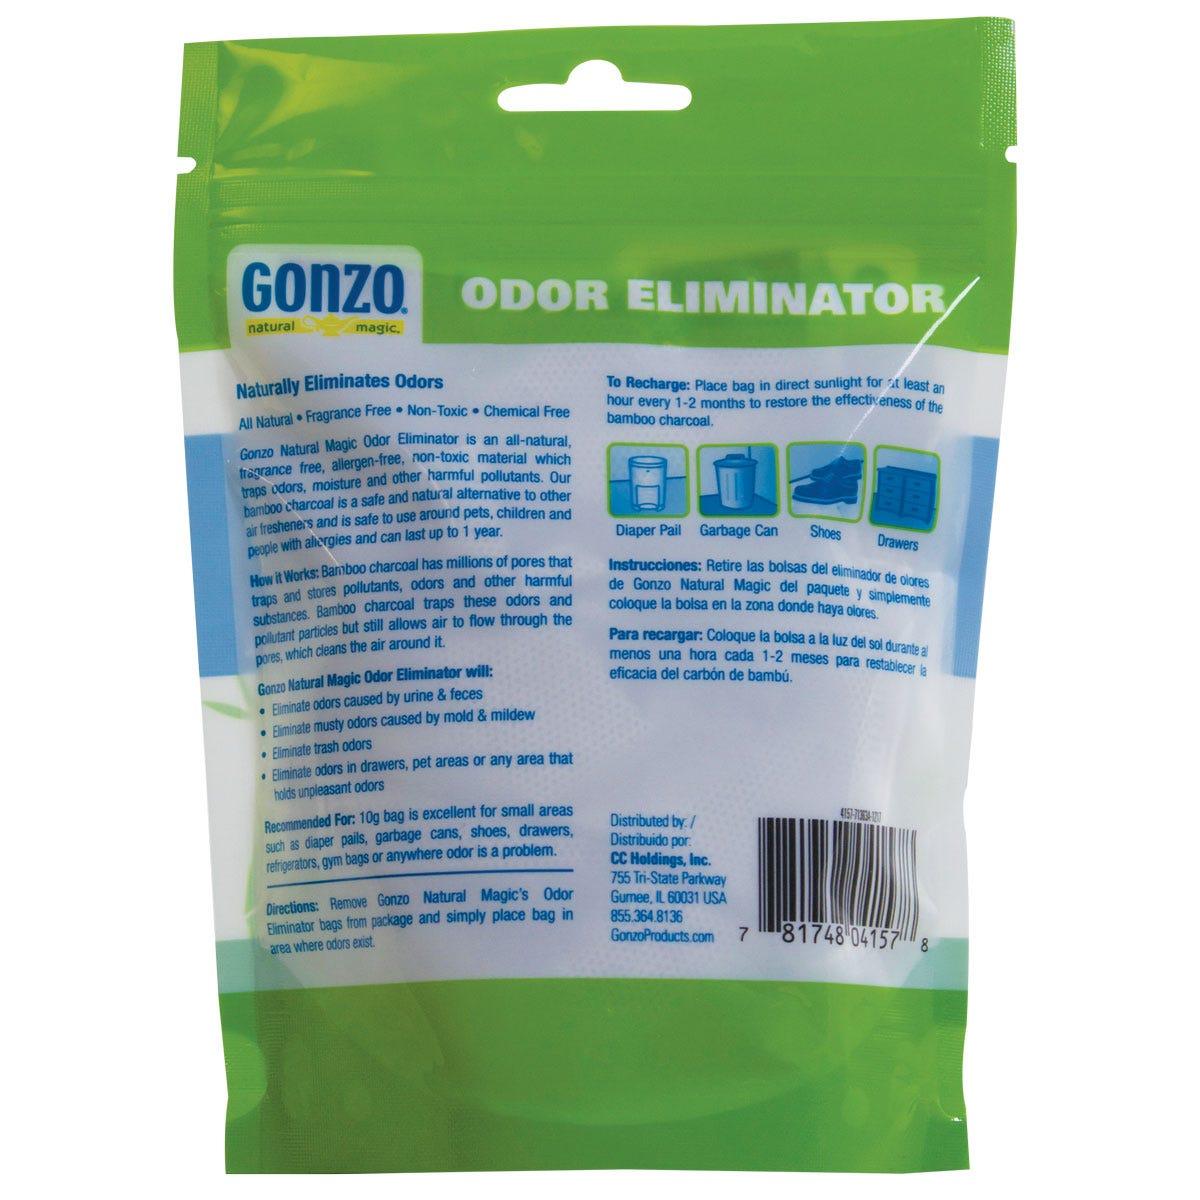 Shoe odor eliminator back label